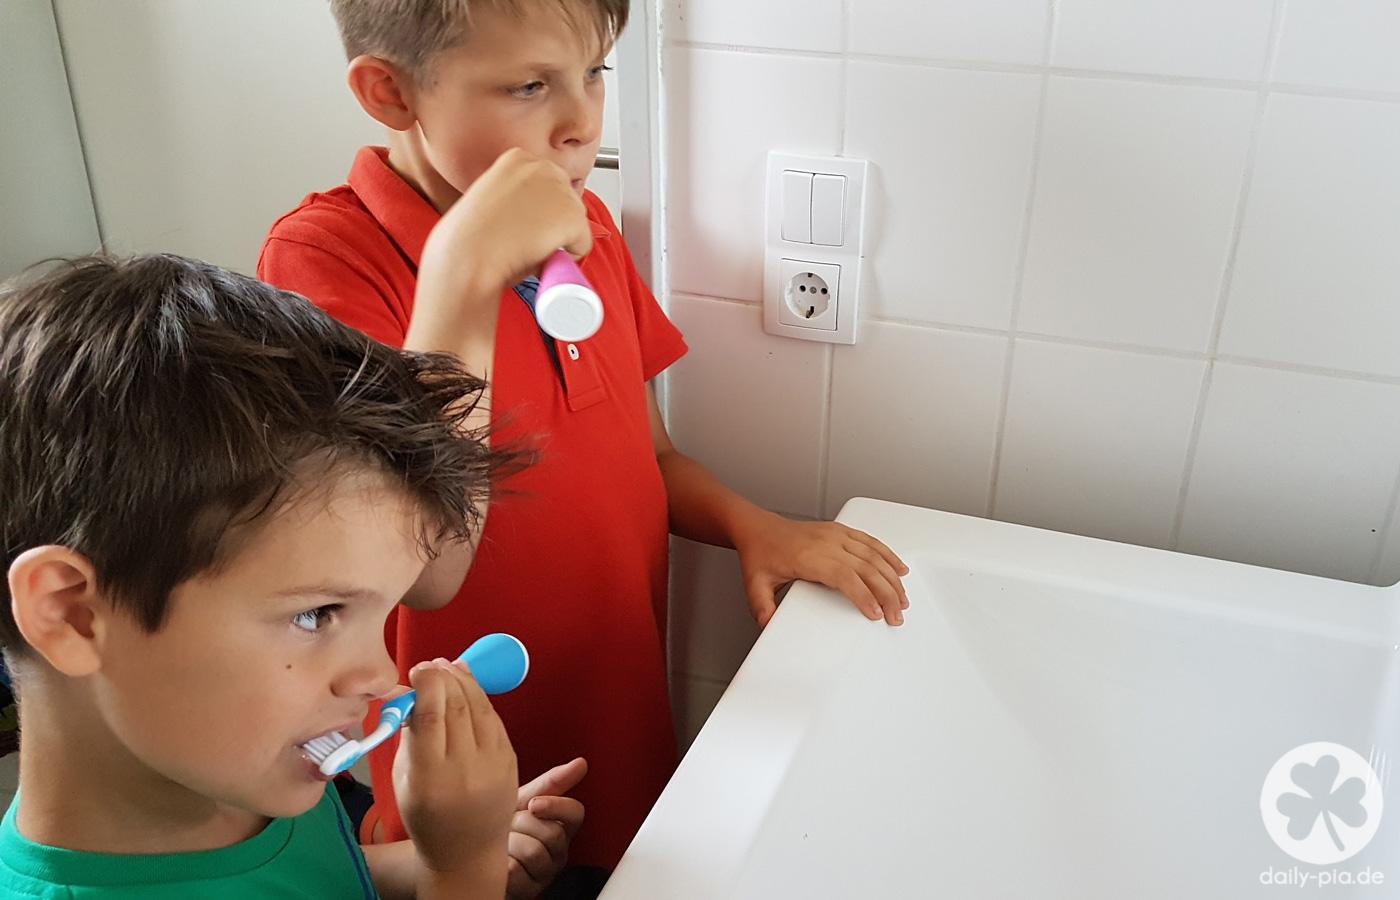 [Anzeige] Spaß am Zähneputzen mit Playbrush